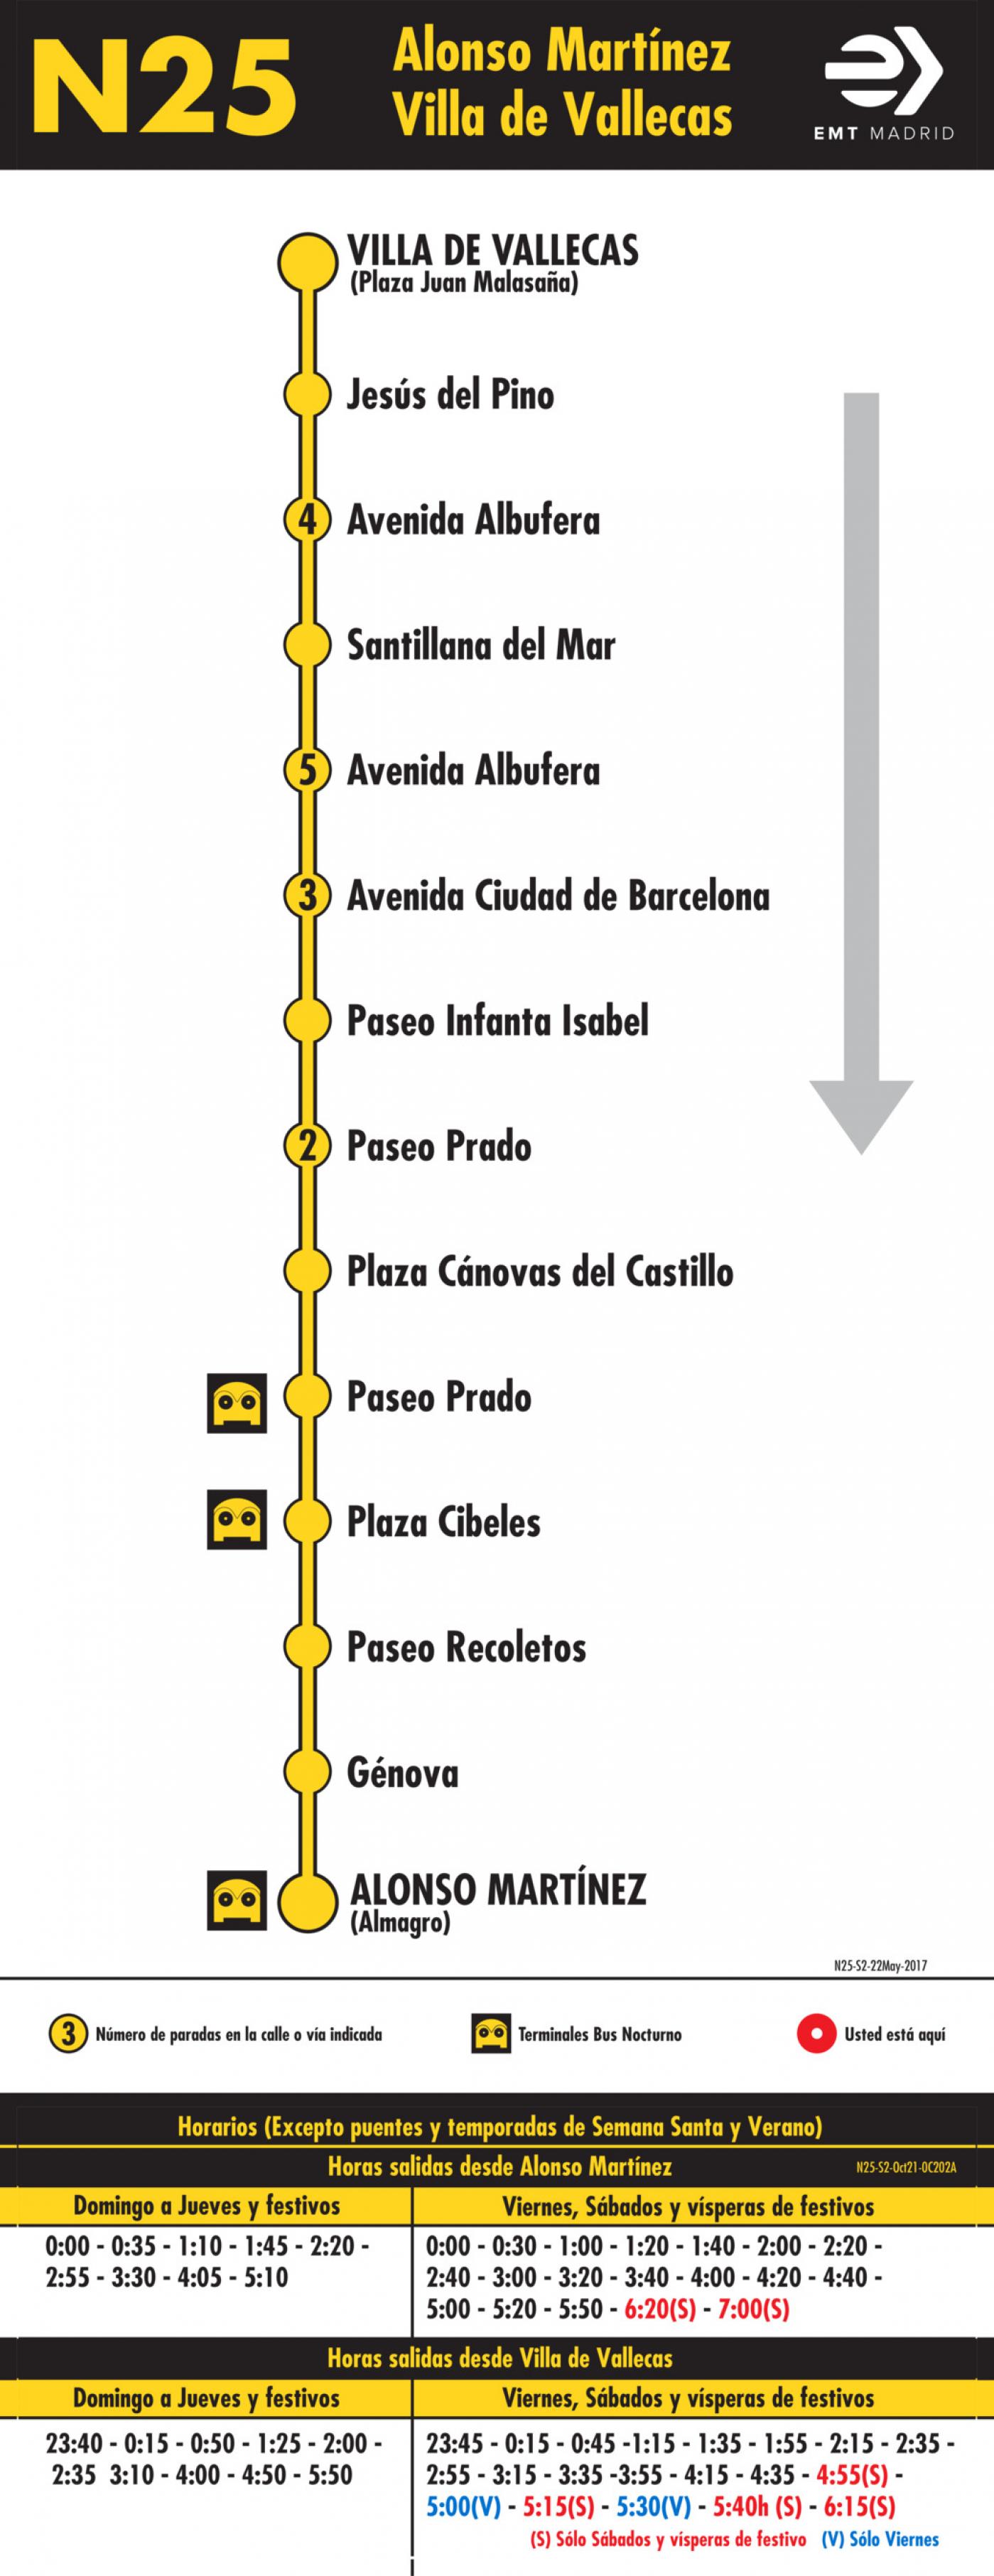 Tabla de horarios y frecuencias de paso en sentido vuelta Línea N25: Alonso Martínez - Villa de Vallecas (búho)